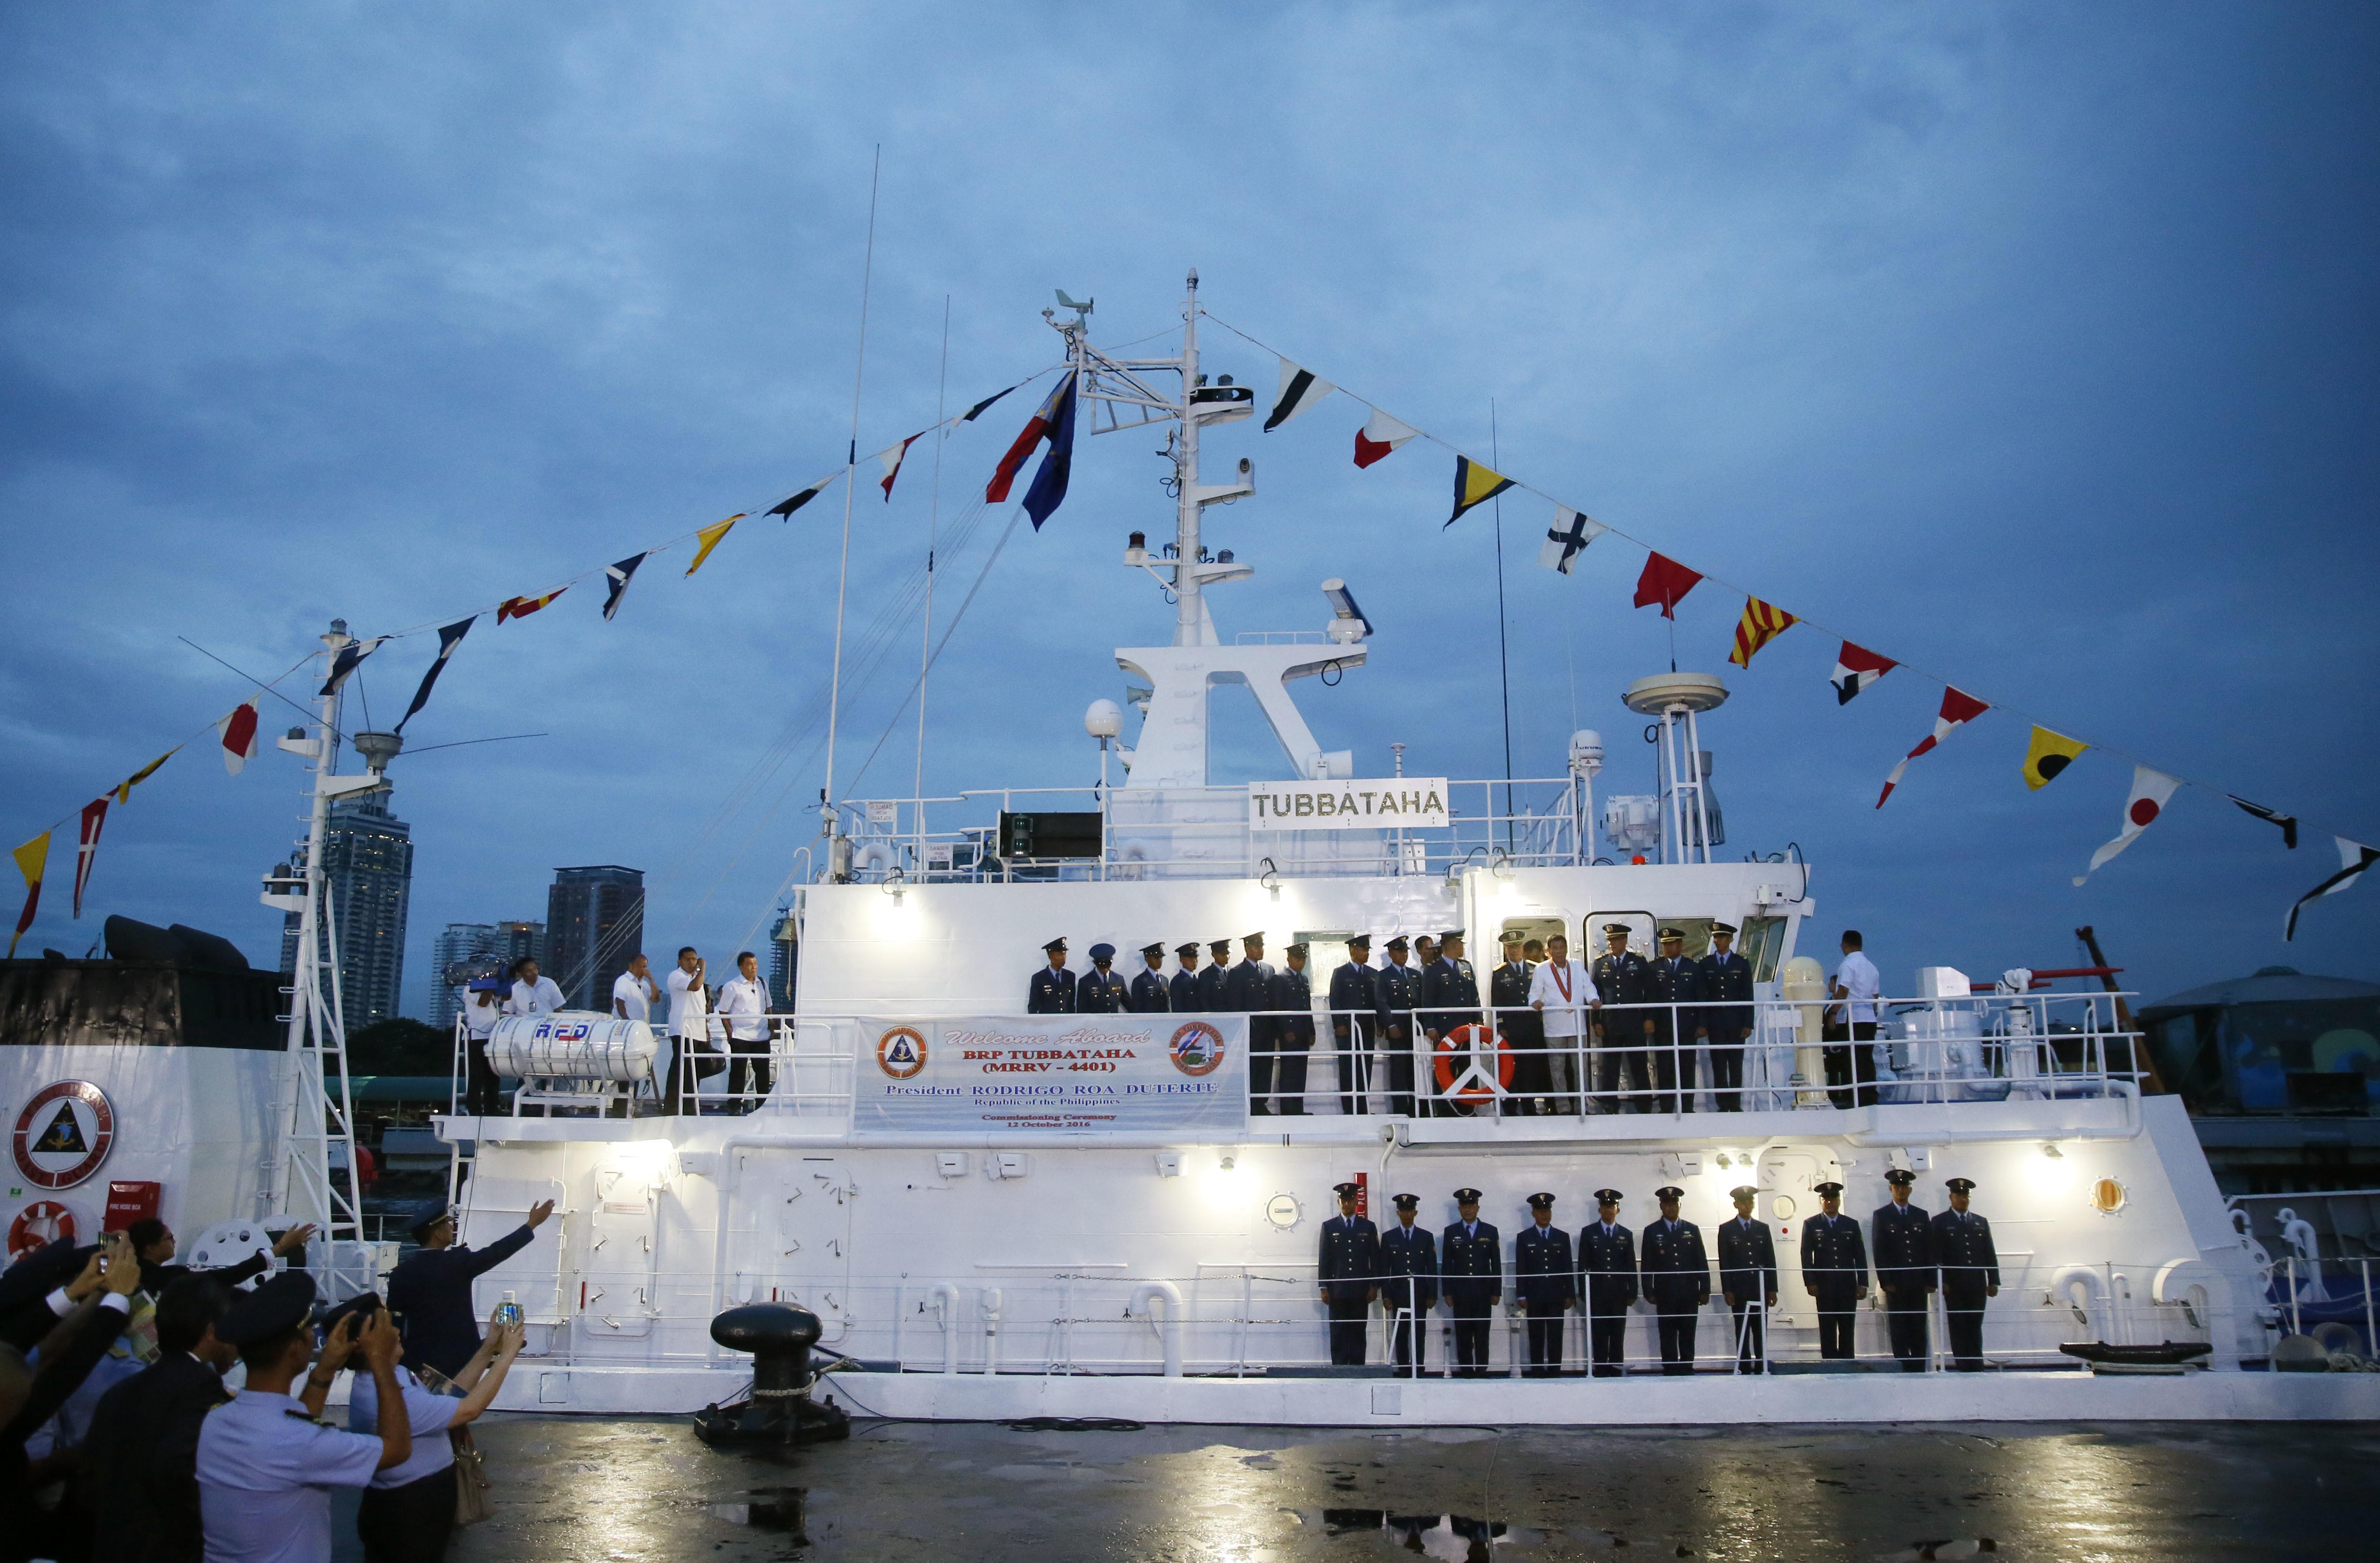 菲海岸警衛隊成立115週年,菲律賓總統杜特蒂在慶祝活動上宣布不再與美國舉行聯合軍演。(美聯社)